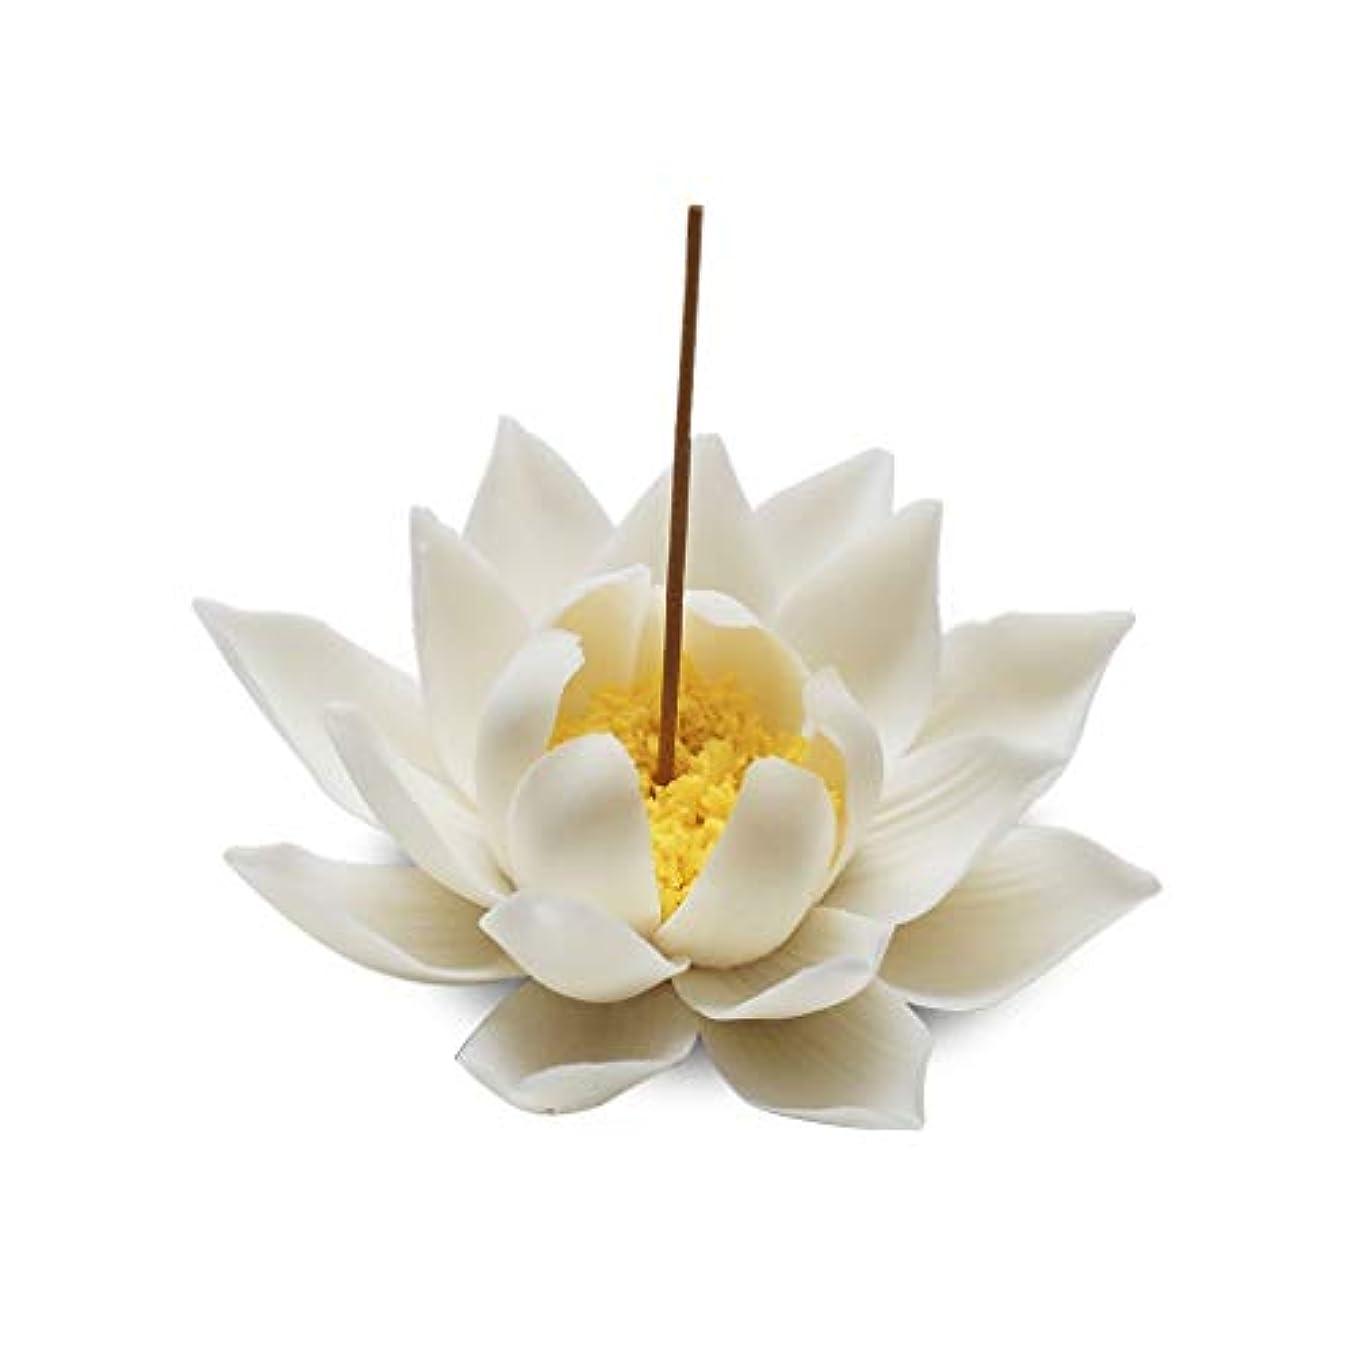 ボーナスアクセシブル演劇セラミック蓮香バーナー家の装飾香スティックホルダー仏教アロマセラピー香炉ホームオフィス用 (Color : A)